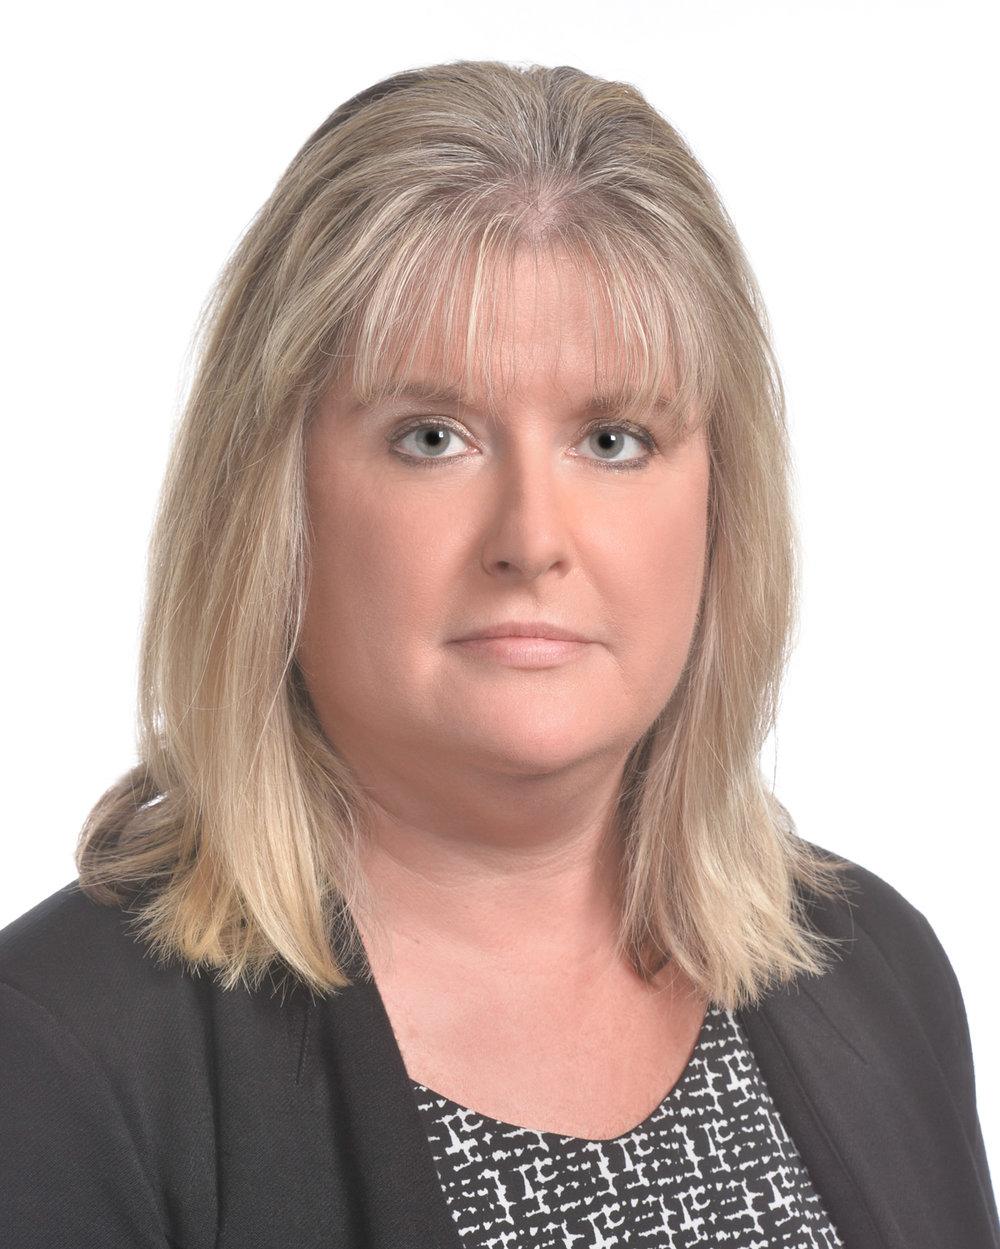 Michelle L. Cooper - Director